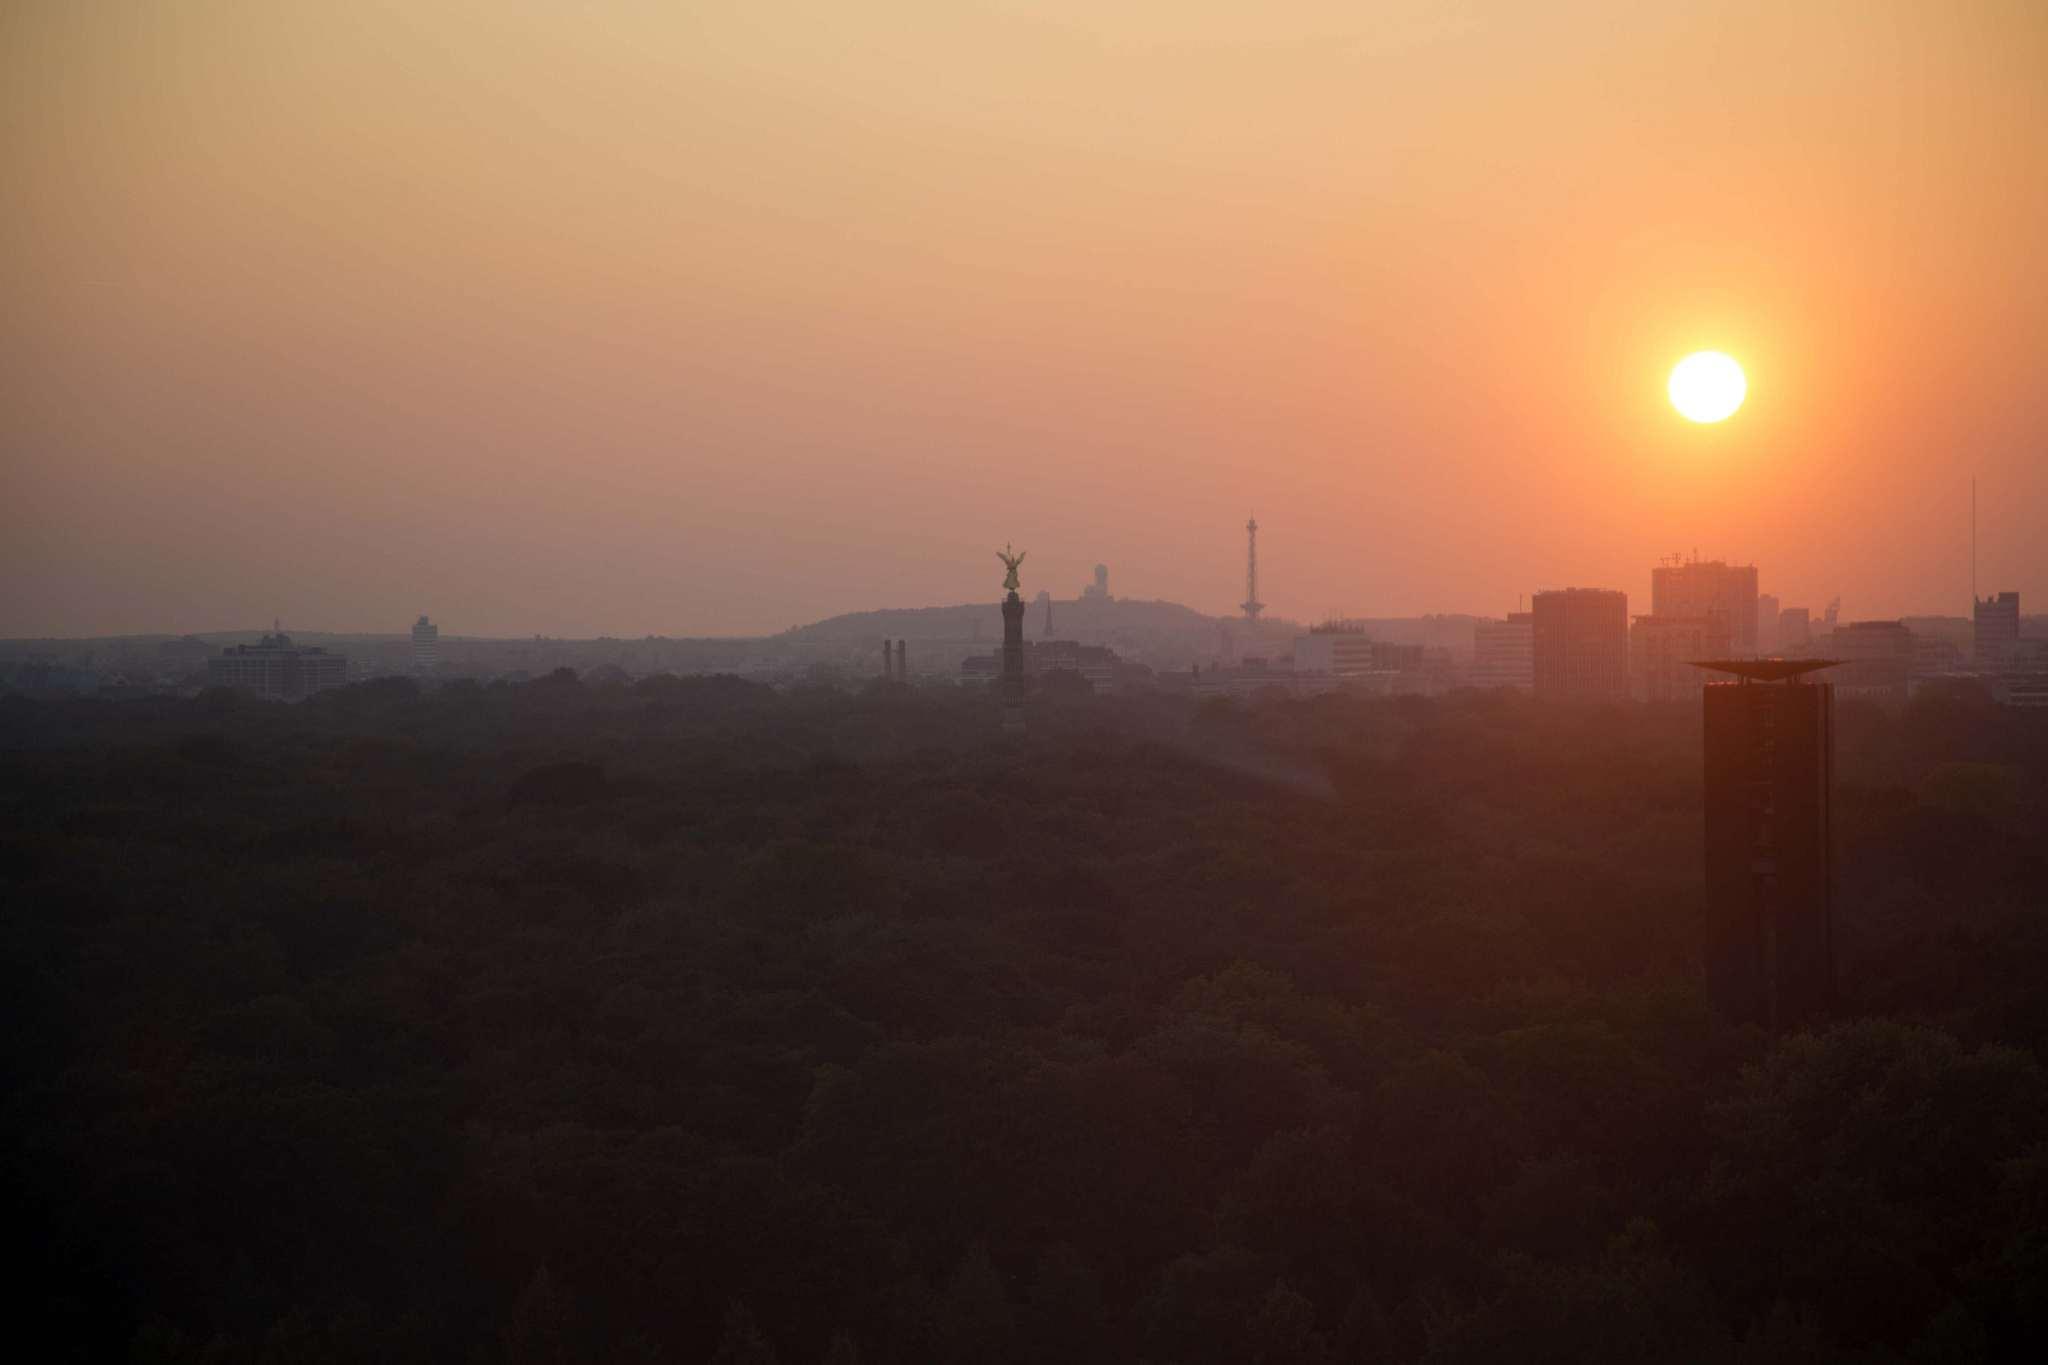 Sunset over Tiergarten